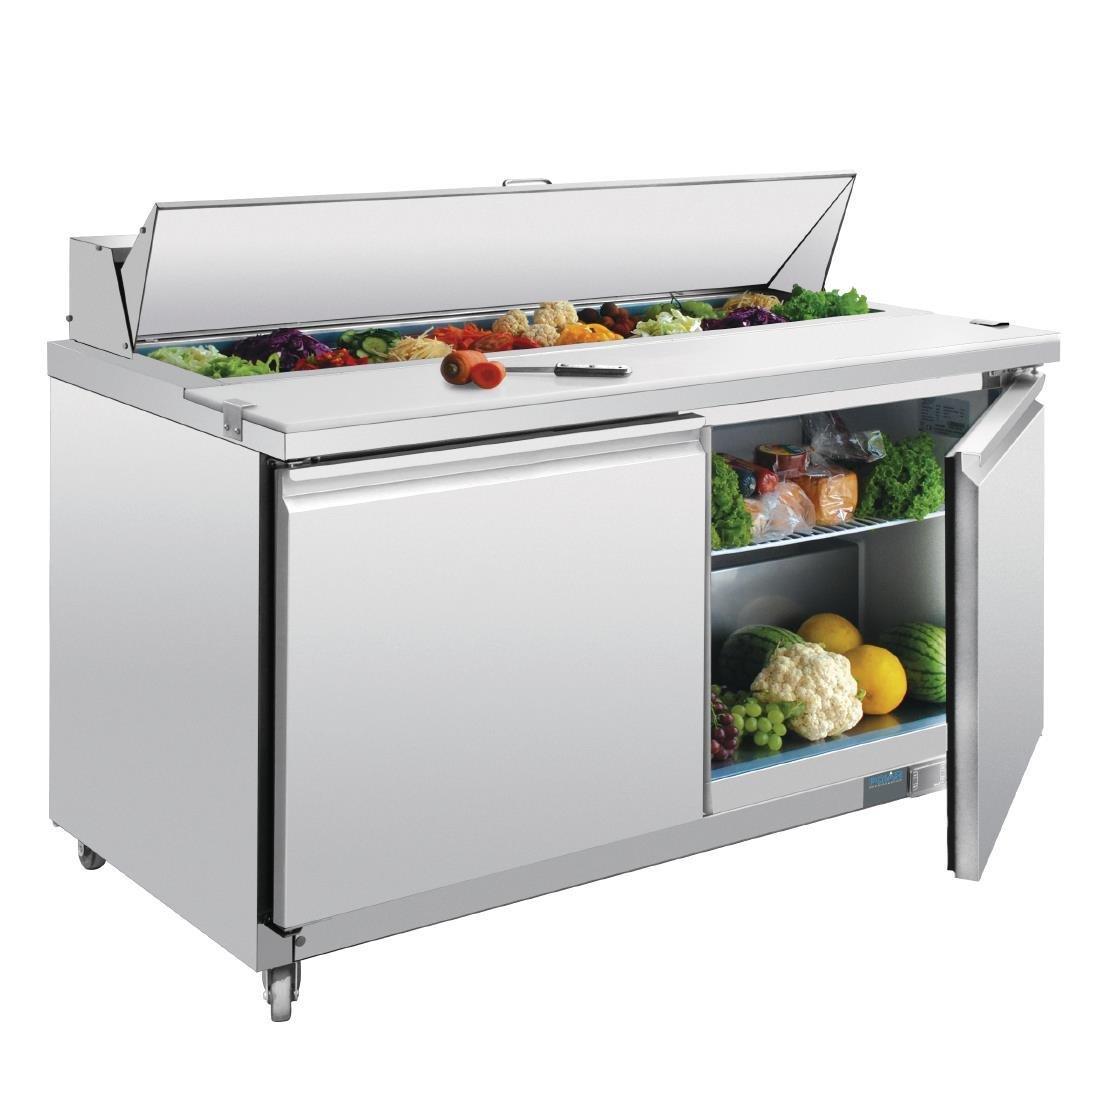 Mostrador frigorífico de preparación 2 puertas 527 litros Polar GD883